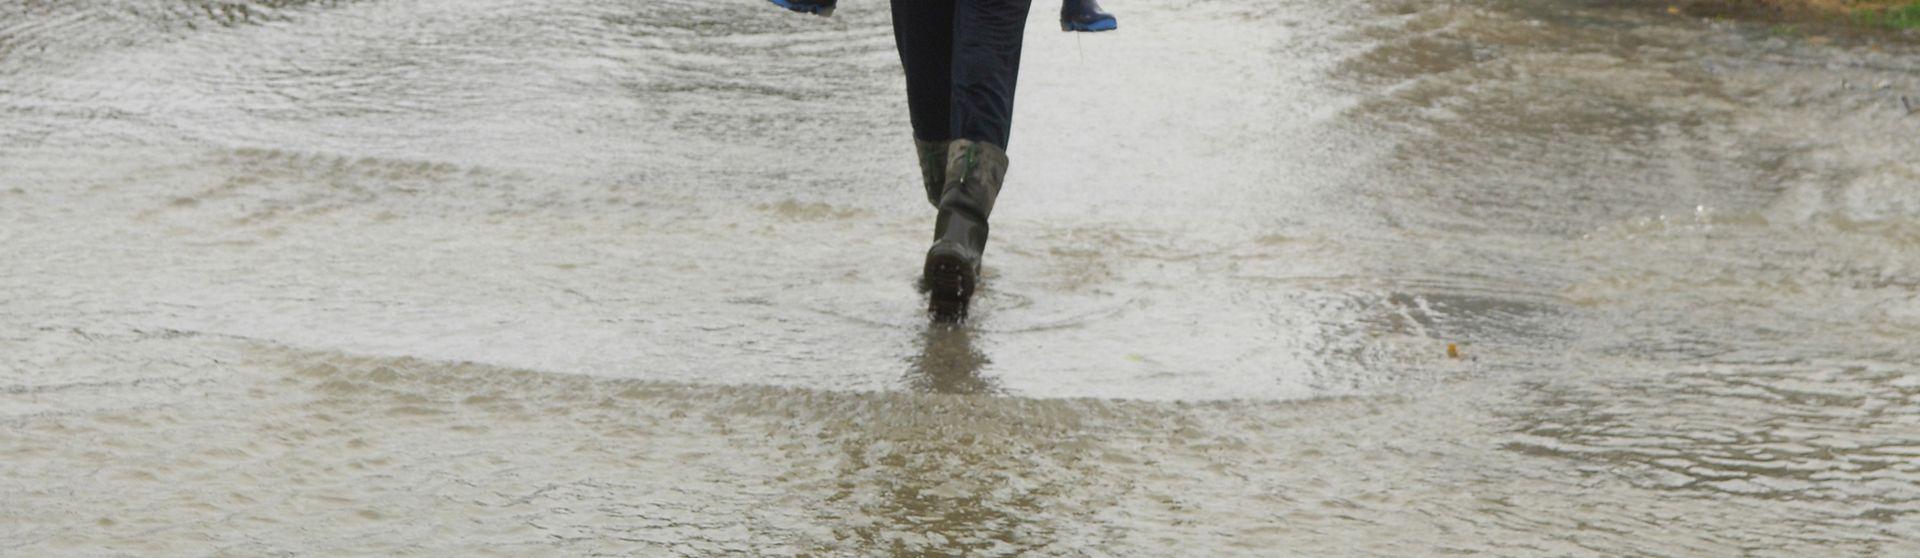 OBILNE KIŠE: Padavine u Sloveniji oslabjele, ali još opasnost od poplava